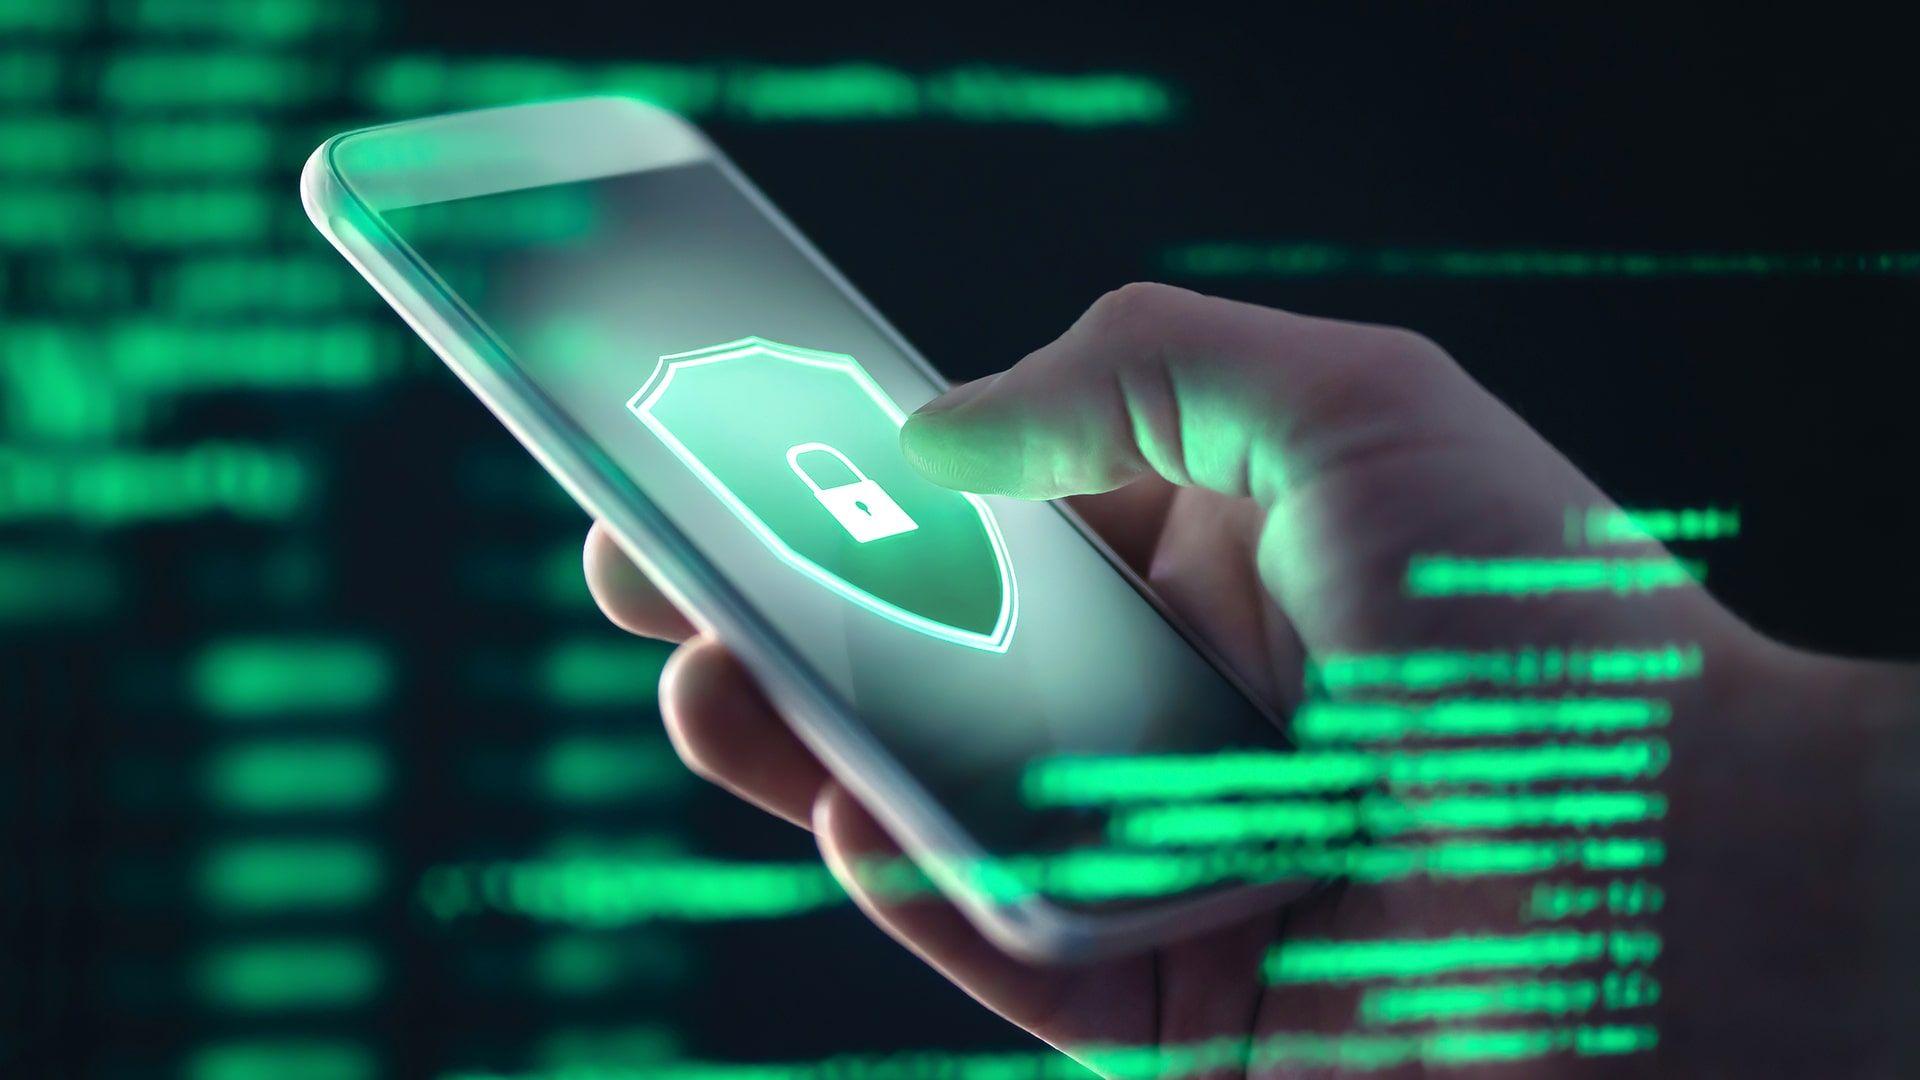 Como desativar o modo de segurança? Recurso pode ser ativado sem querer (Foto: Shutterstock)